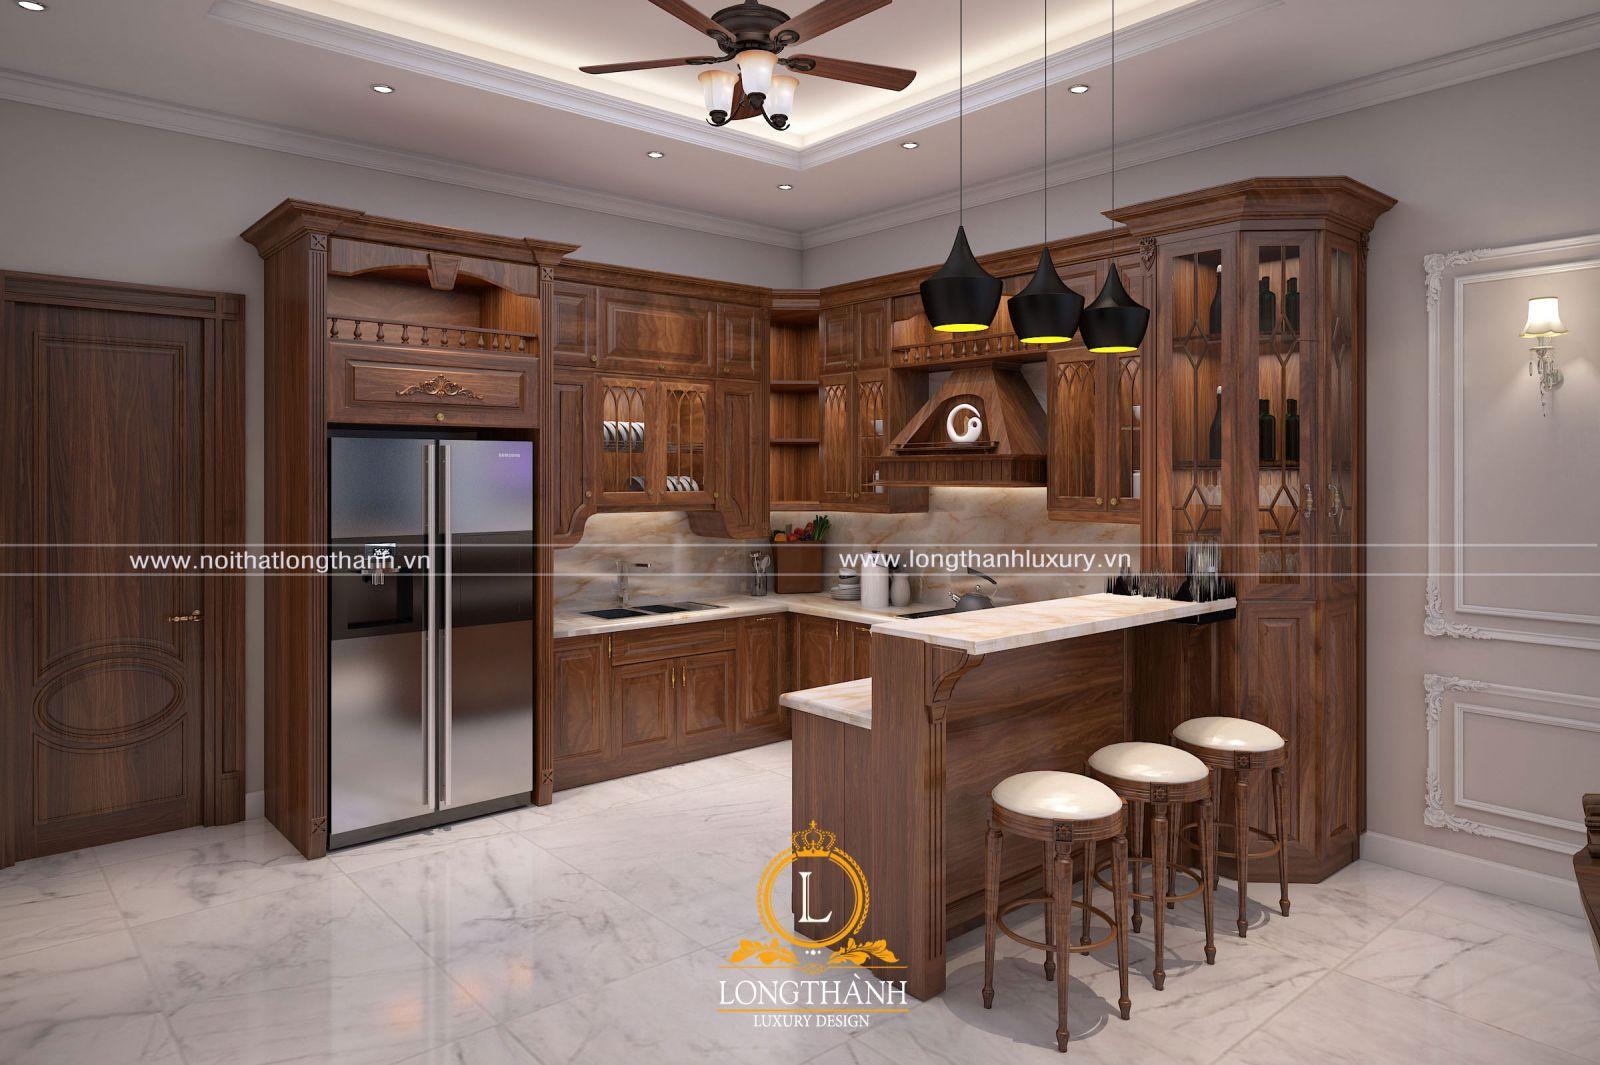 Không gian bếp đẹp với thiết kế nội thất tân cổ điển